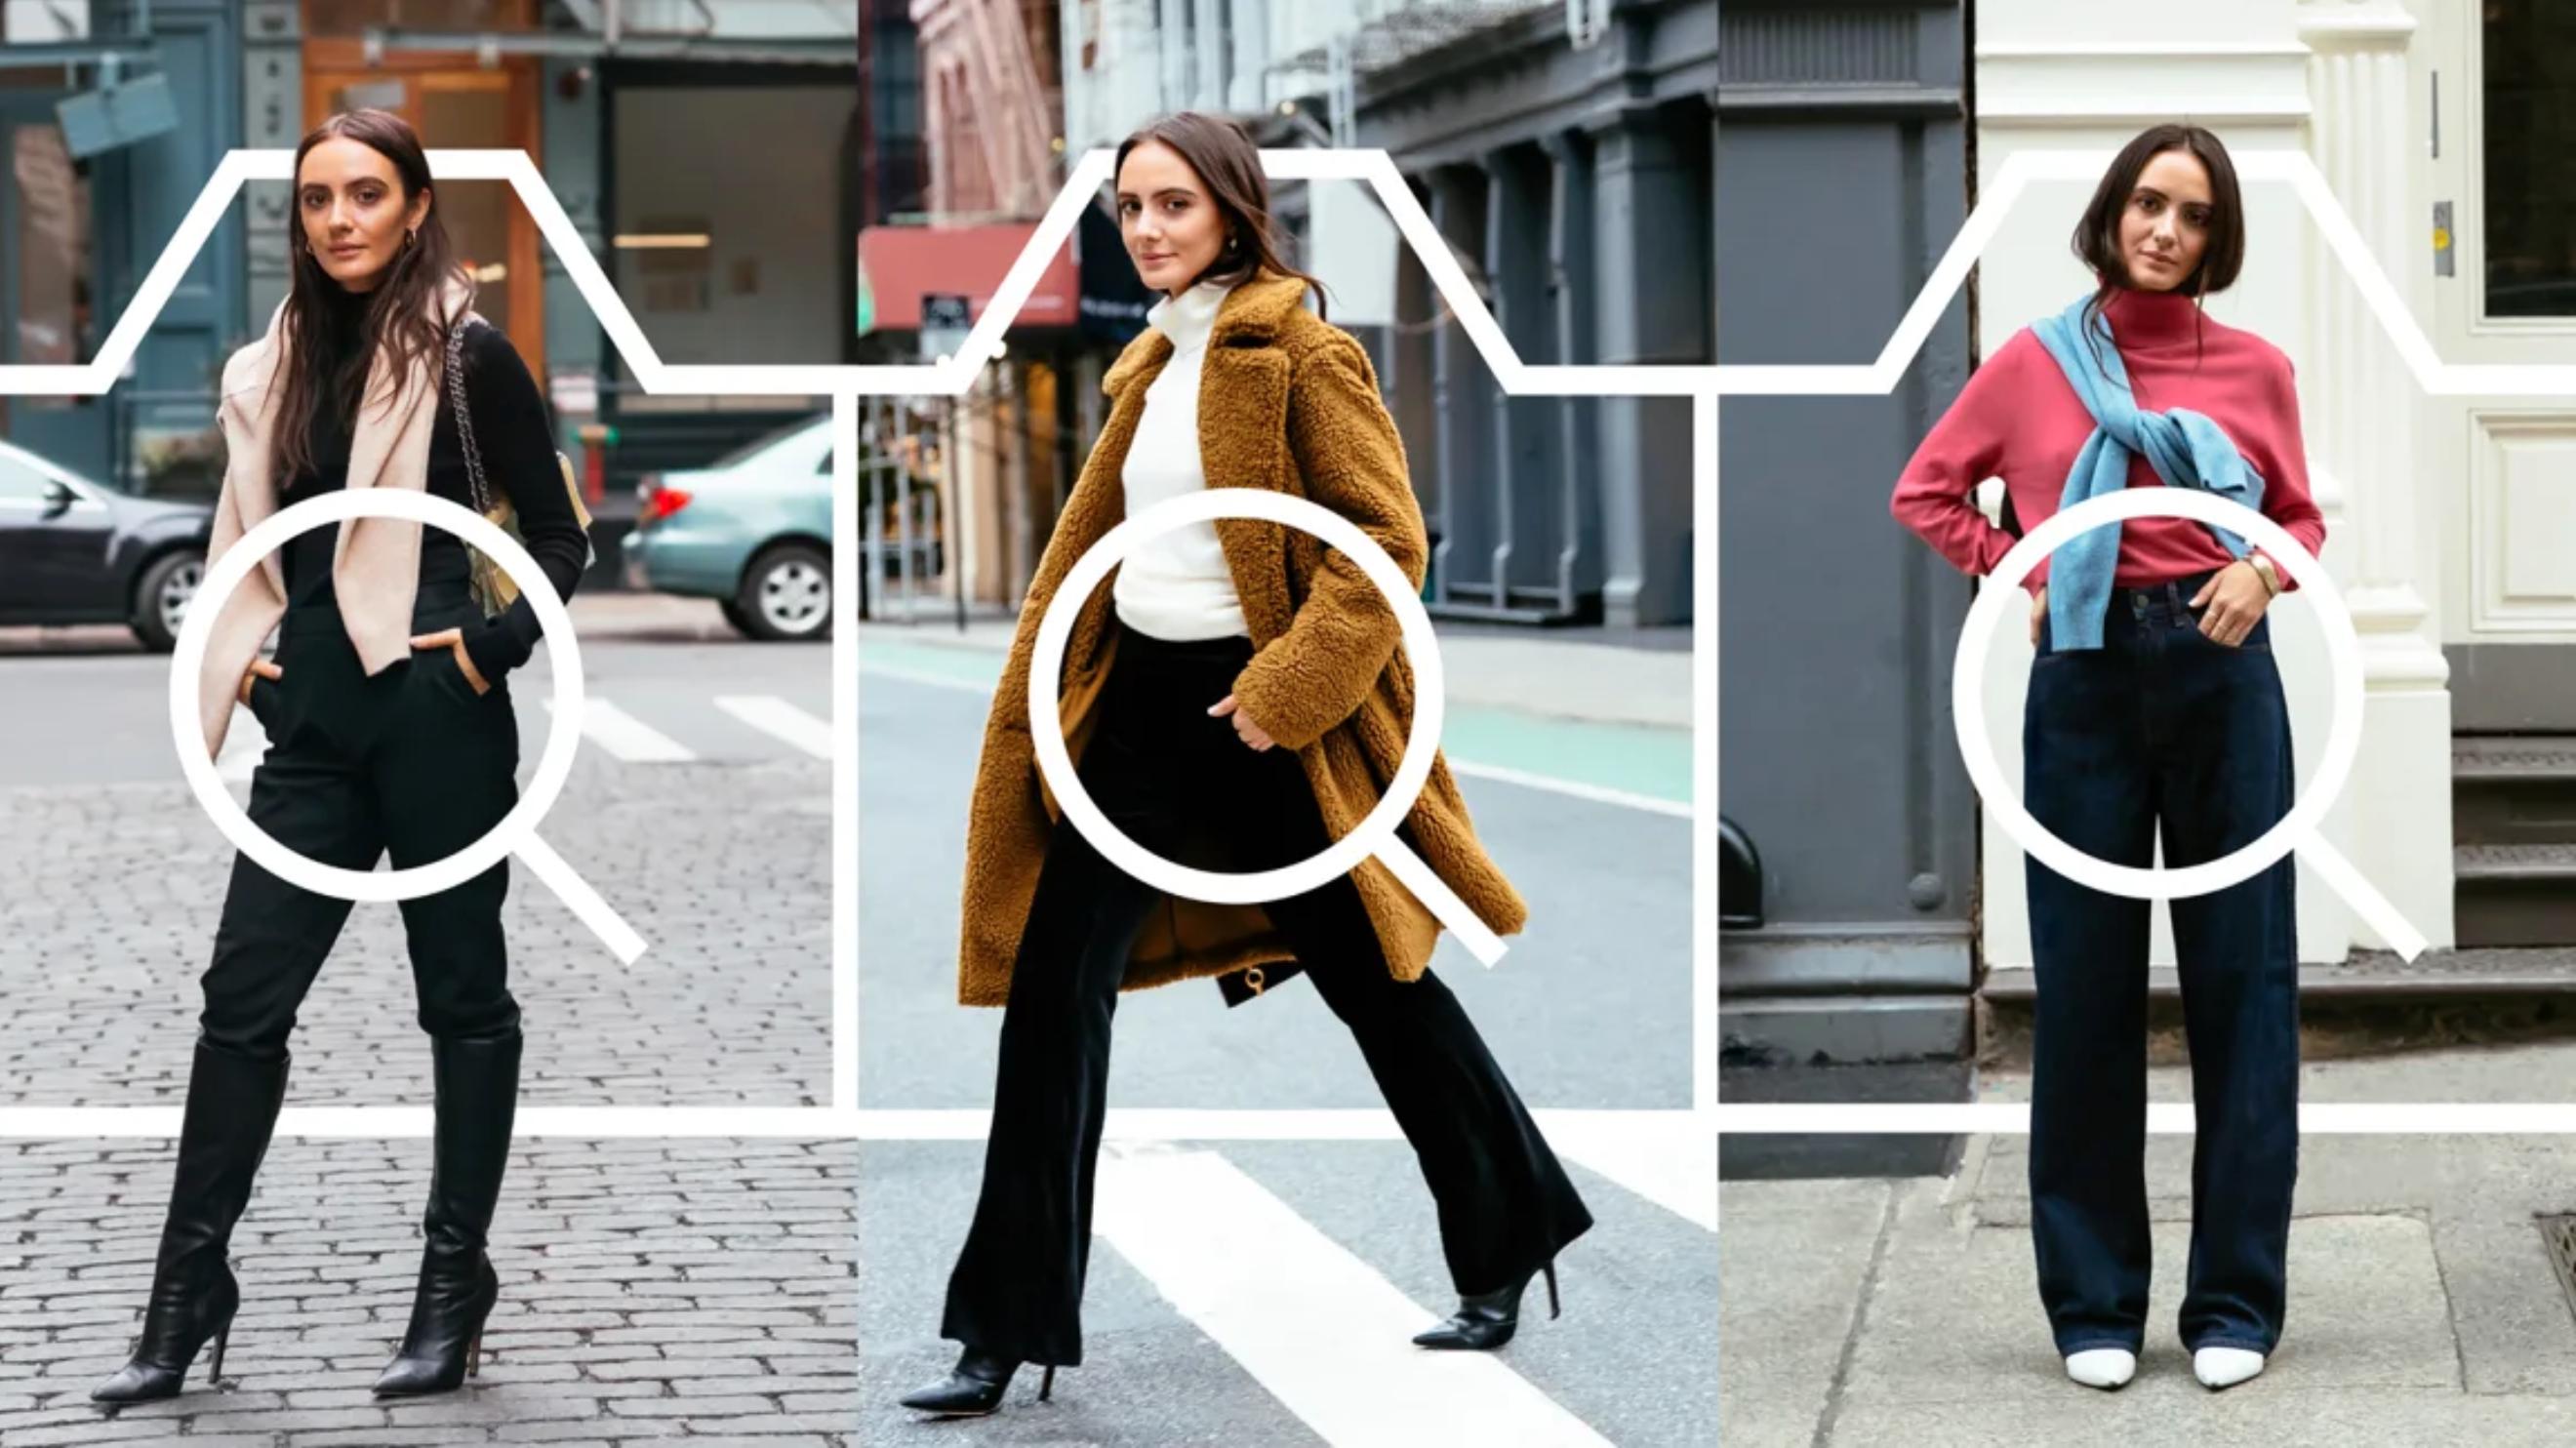 优衣库新出了一款 app,时尚博主的好穿搭,由它给你找相似